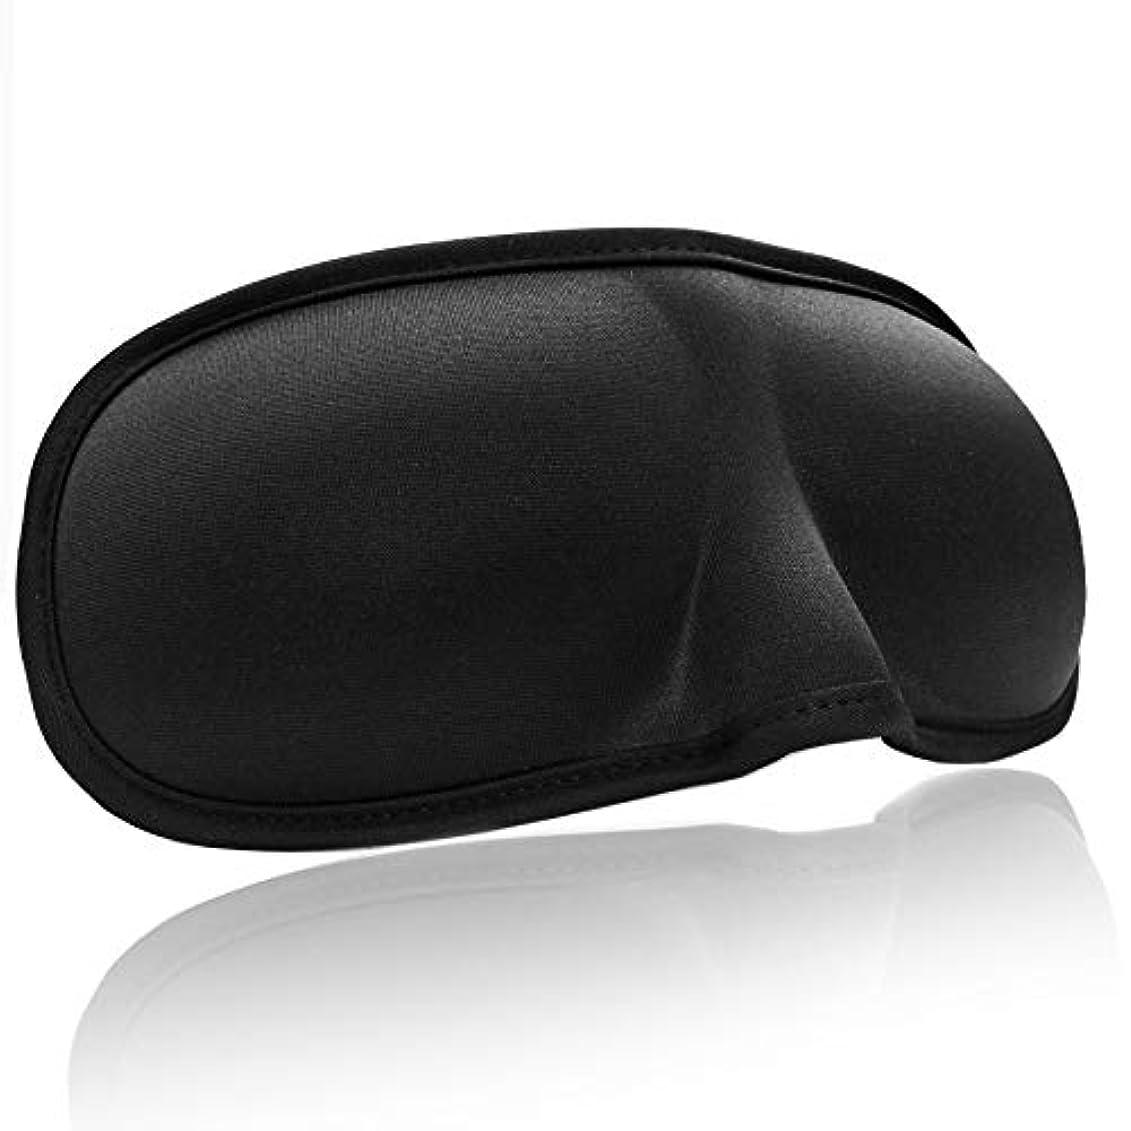 ボトルすき寄稿者NOTE ポータブル3dスリーピングアイマスクシェーディングマスク用睡眠ソフト調整可能包帯目にアイシェードカバー旅行アイパッチ+耳栓